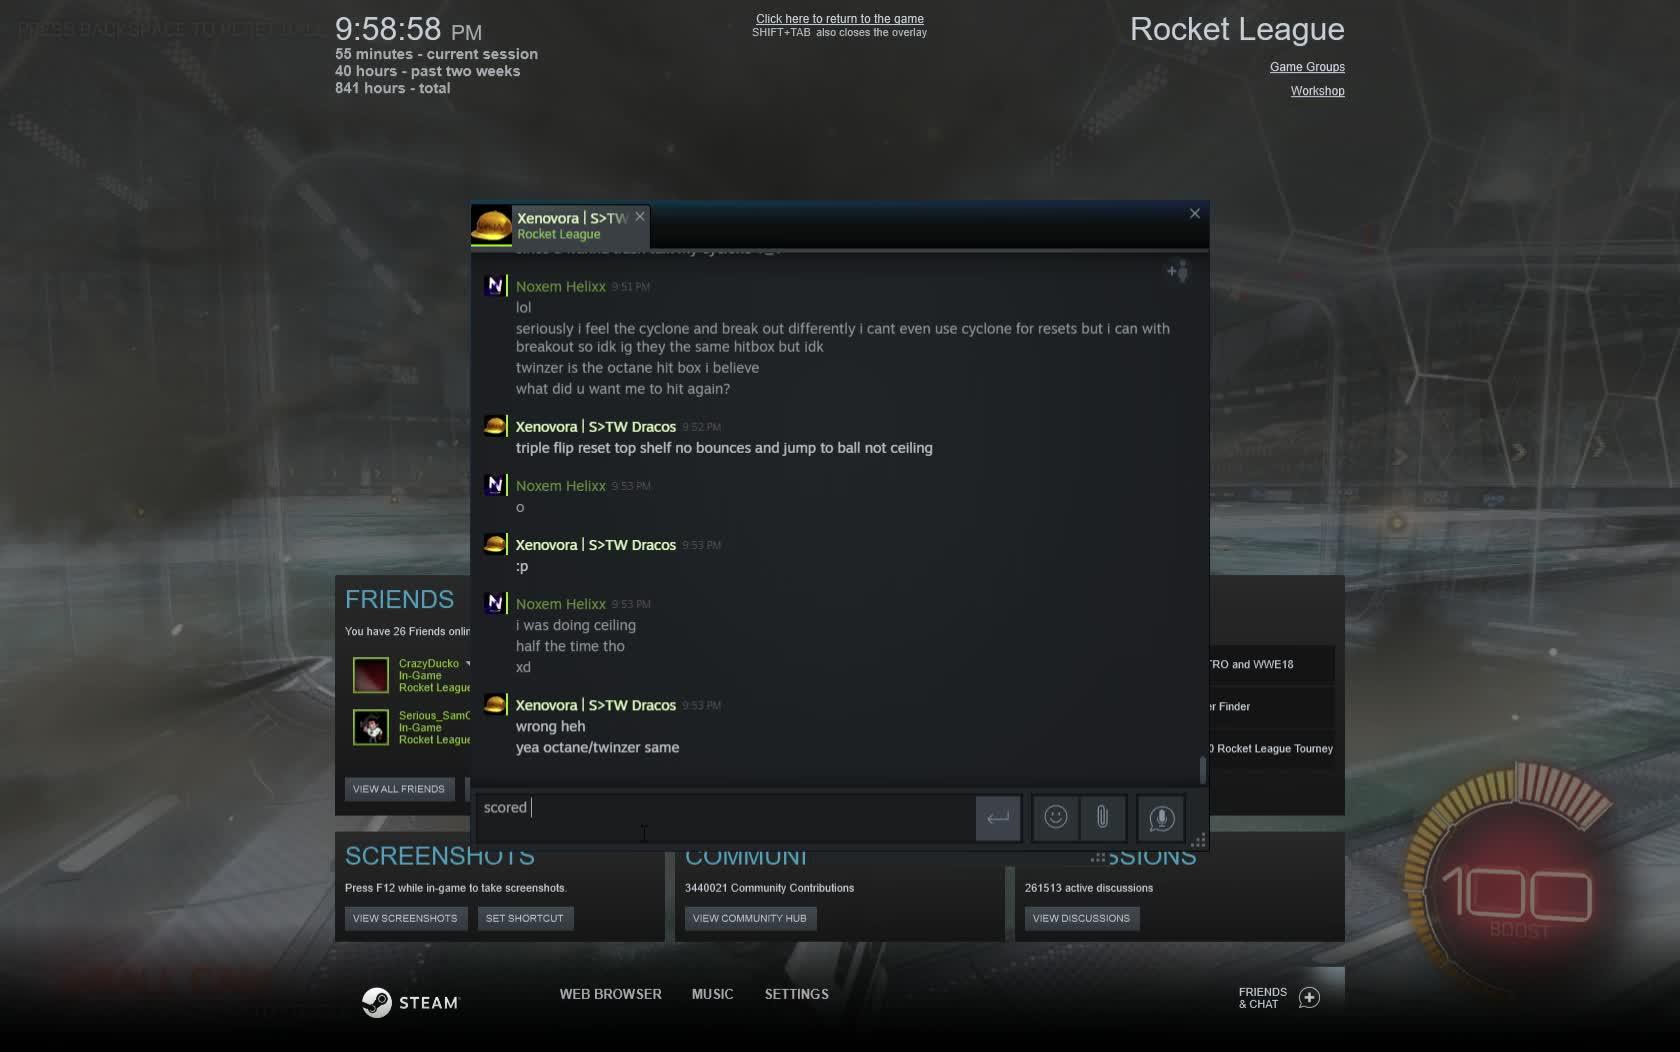 Rocket League 32 Bit DX 9 Cooked 12 26 2018 9 59 28 PM